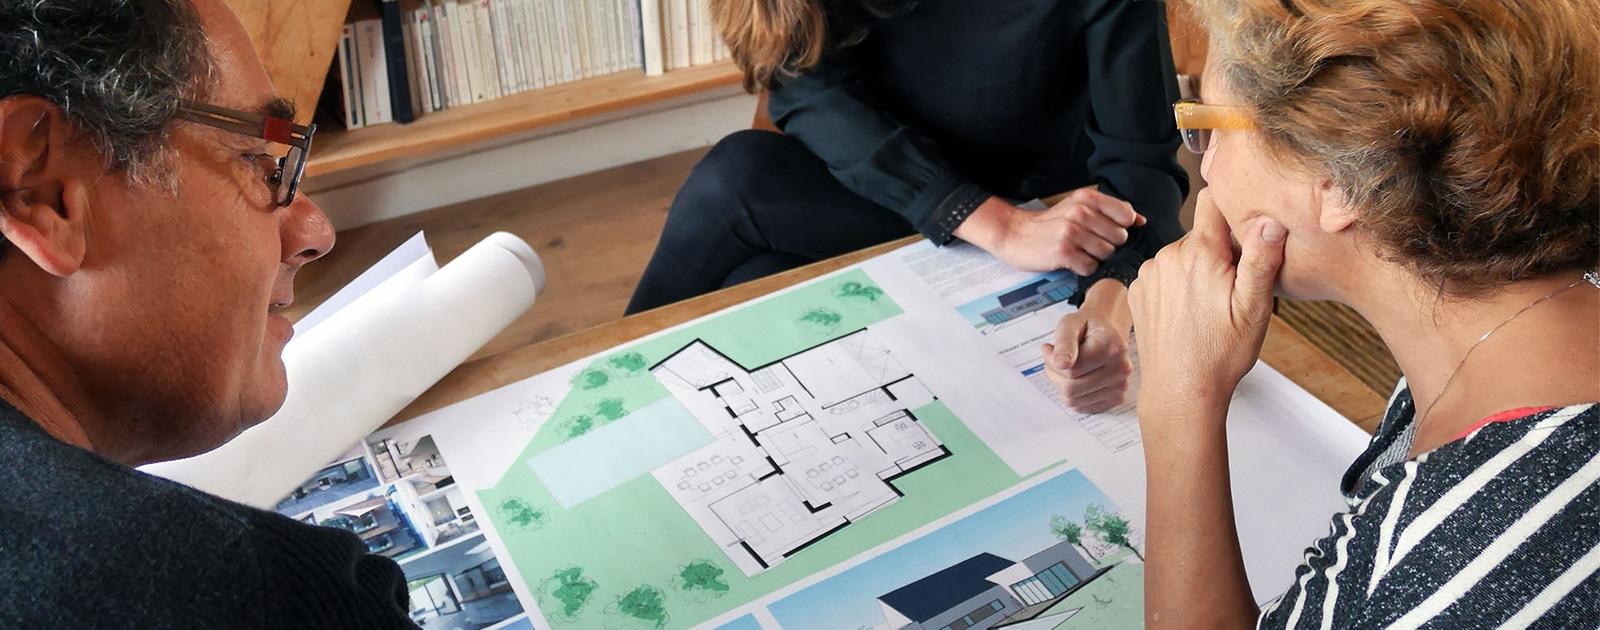 Comment choisir son architecte ?